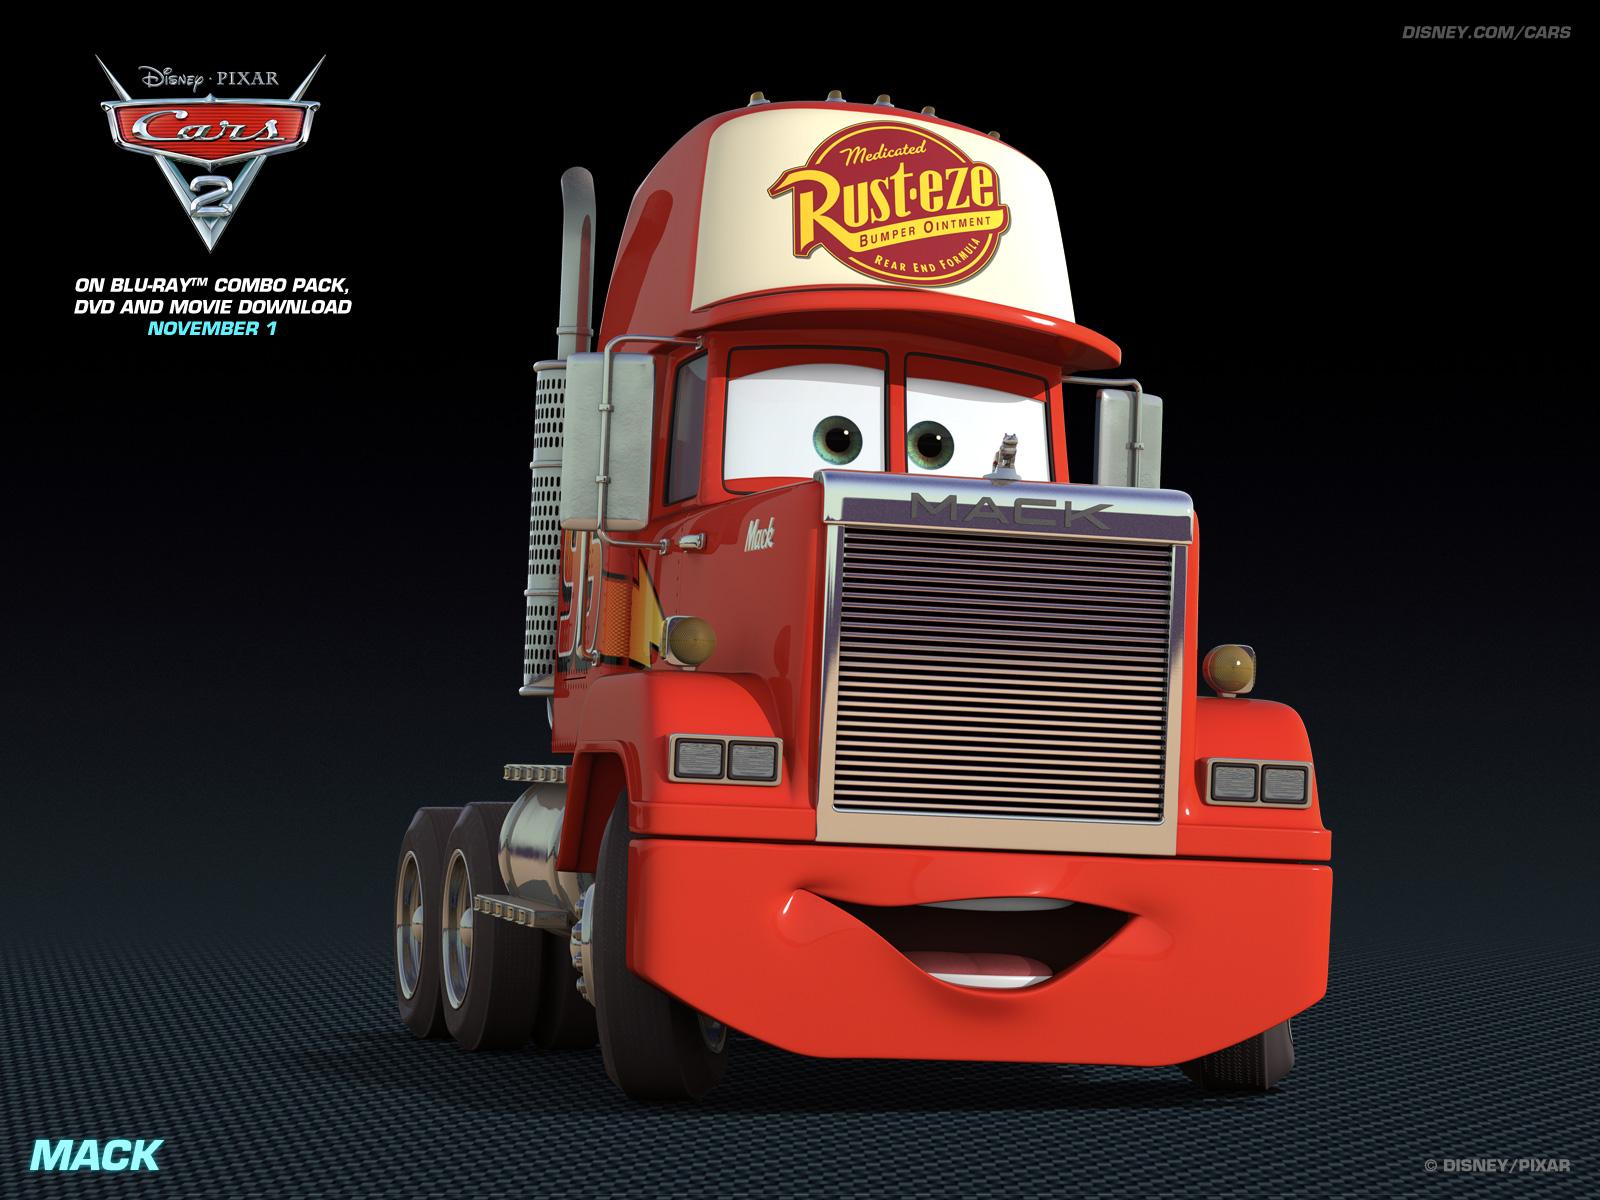 Disney Pixar Cars 2 images Mack wallpaper photos 28261483 1600x1200